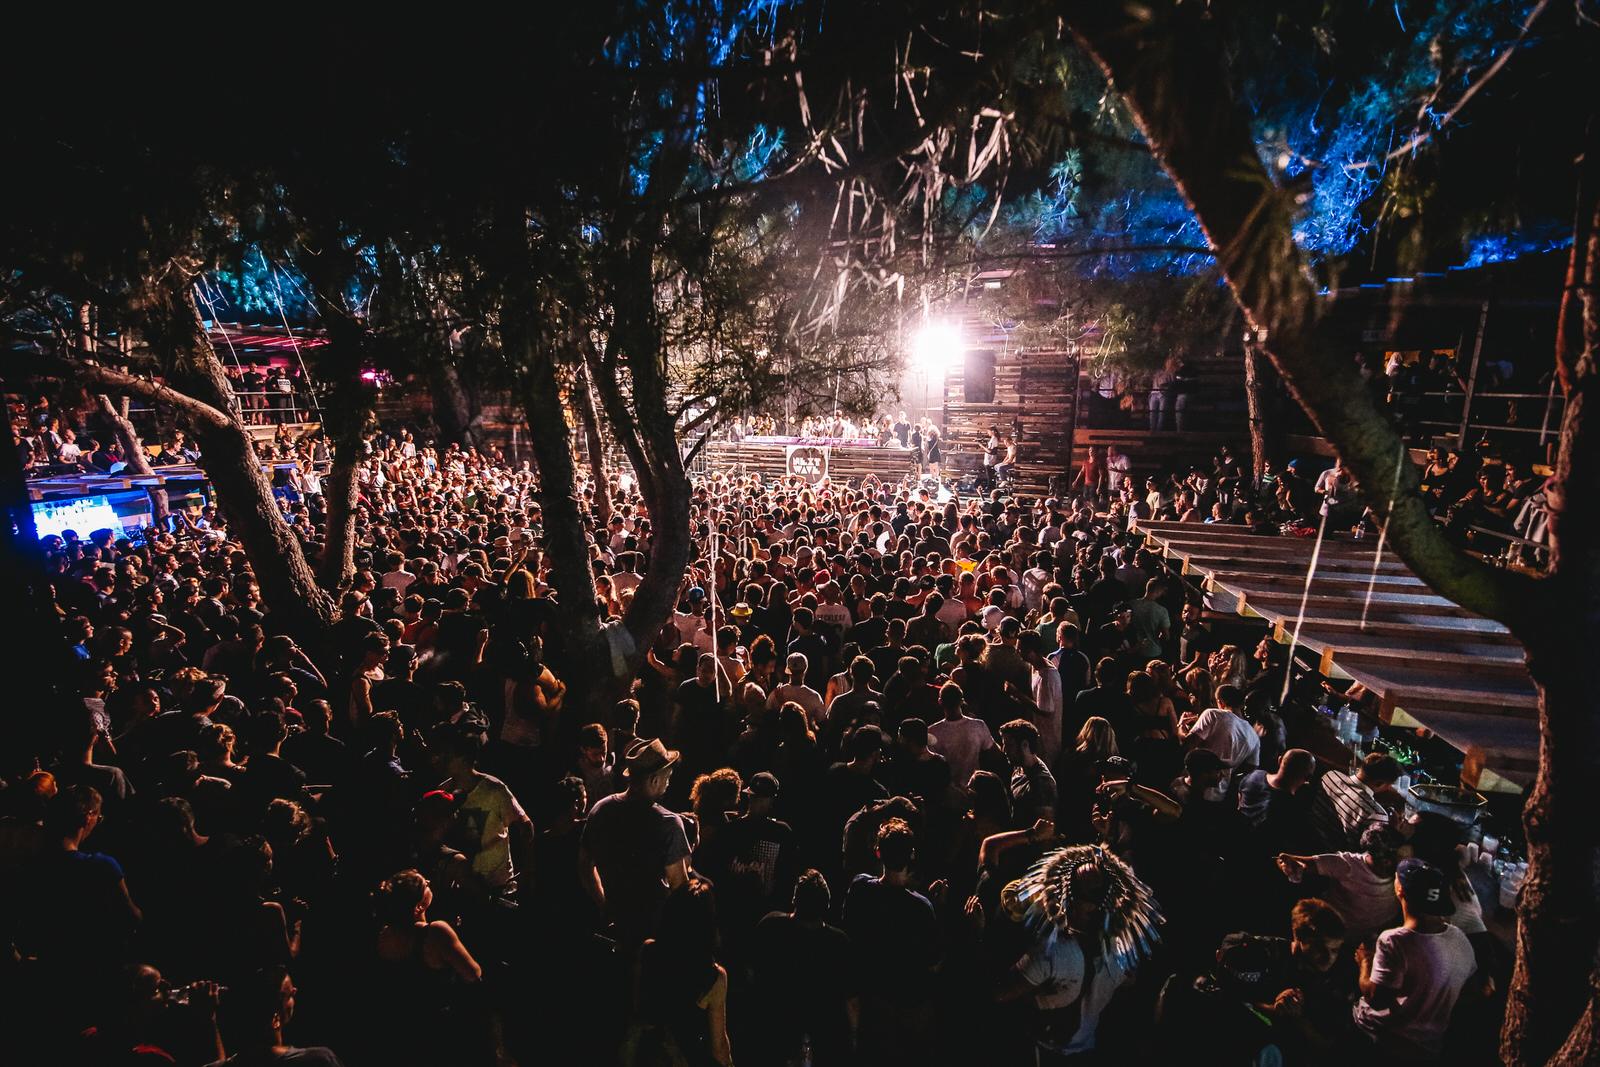 sonus-festival-2015-27.jpg